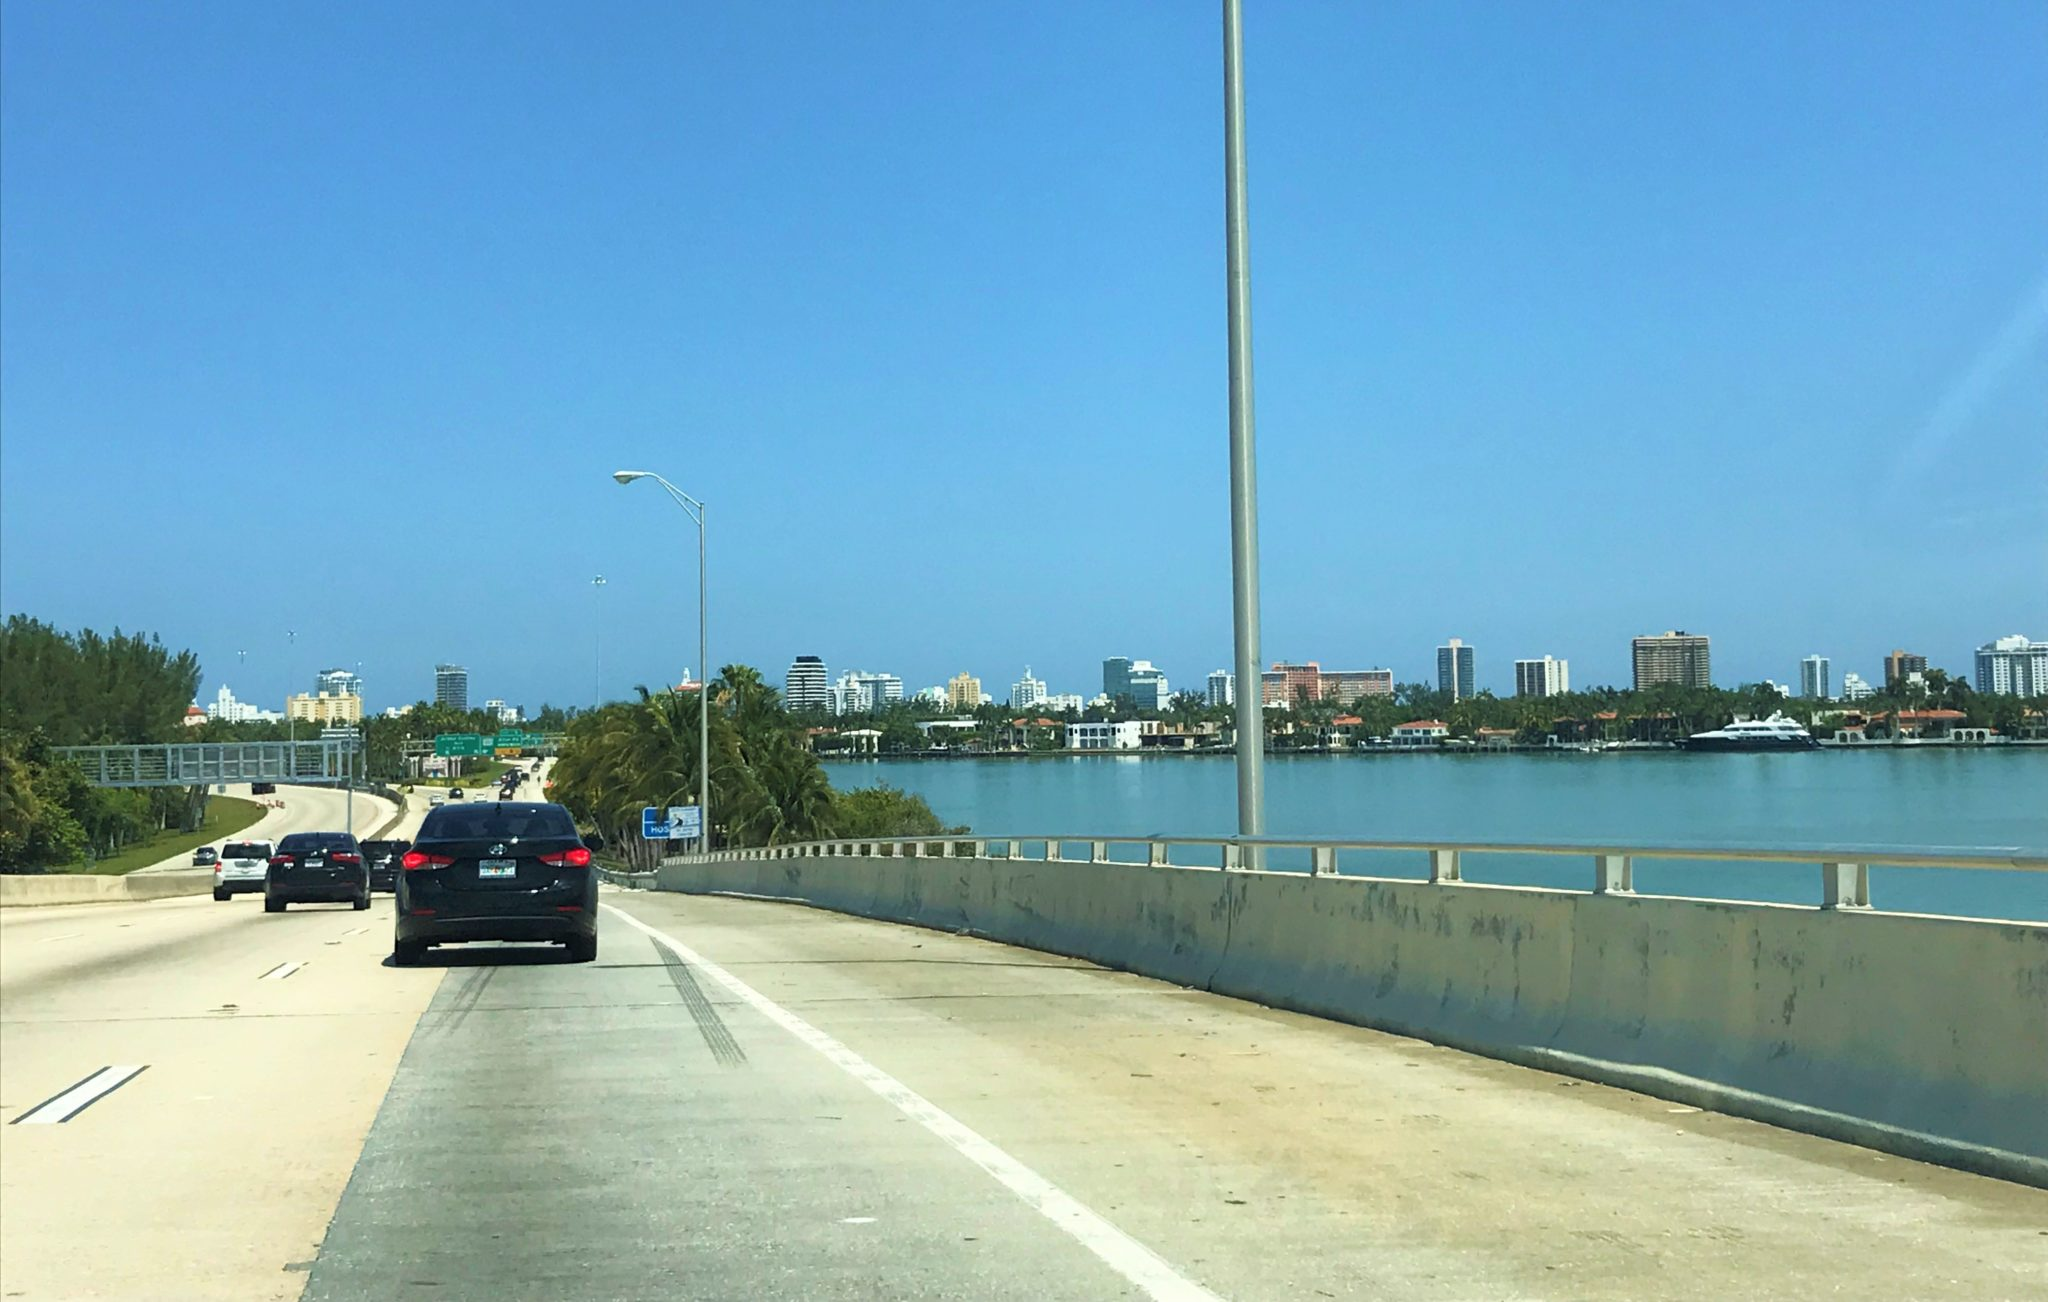 5 coisas que você precisa saber antes de alugar um carro em Miami da2920fc70